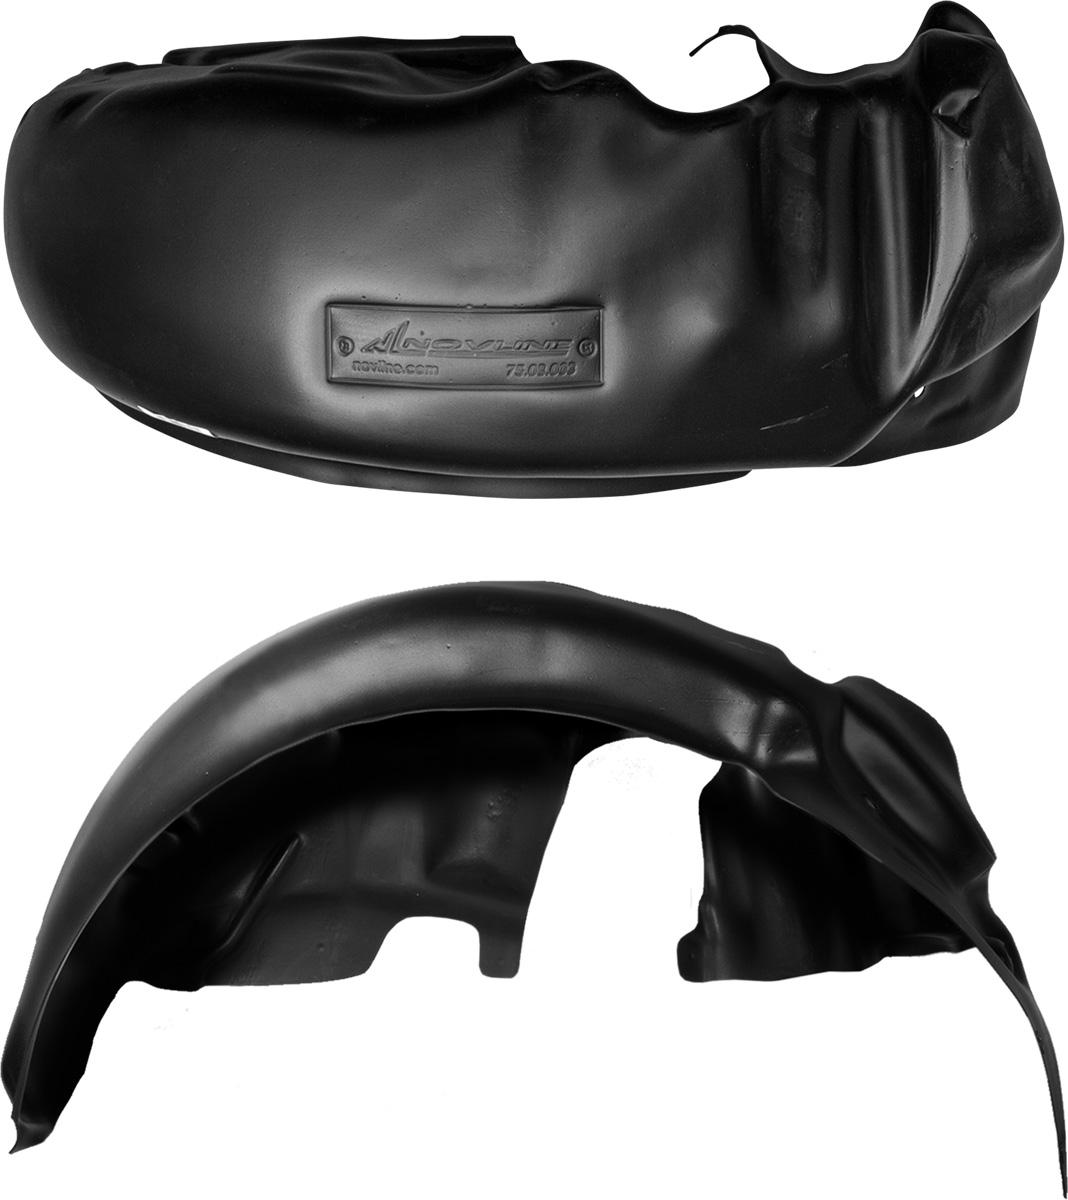 Подкрылок КIА Rio, 04/2015->, седан, задний левый000414Колесные ниши – одни из самых уязвимых зон днища вашего автомобиля. Они постоянно подвергаются воздействию со стороны дороги. Лучшая, почти абсолютная защита для них - специально отформованные пластиковые кожухи, которые называются подкрылками, или локерами. Производятся они как для отечественных моделей автомобилей, так и для иномарок. Подкрылки выполнены из высококачественного, экологически чистого пластика. Обеспечивают надежную защиту кузова автомобиля от пескоструйного эффекта и негативного влияния, агрессивных антигололедных реагентов. Пластик обладает более низкой теплопроводностью, чем металл, поэтому в зимний период эксплуатации использование пластиковых подкрылков позволяет лучше защитить колесные ниши от налипания снега и образования наледи. Оригинальность конструкции подчеркивает элегантность автомобиля, бережно защищает нанесенное на днище кузова антикоррозийное покрытие и позволяет осуществить крепление подкрылков внутри колесной арки практически без дополнительного крепежа и сверления, не нарушая при этом лакокрасочного покрытия, что предотвращает возникновение новых очагов коррозии. Технология крепления подкрылков на иномарки принципиально отличается от крепления на российские автомобили и разрабатывается индивидуально для каждой модели автомобиля. Подкрылки долговечны, обладают высокой прочностью и сохраняют заданную форму, а также все свои физико-механические характеристики в самых тяжелых климатических условиях ( от -50° С до + 50° С).